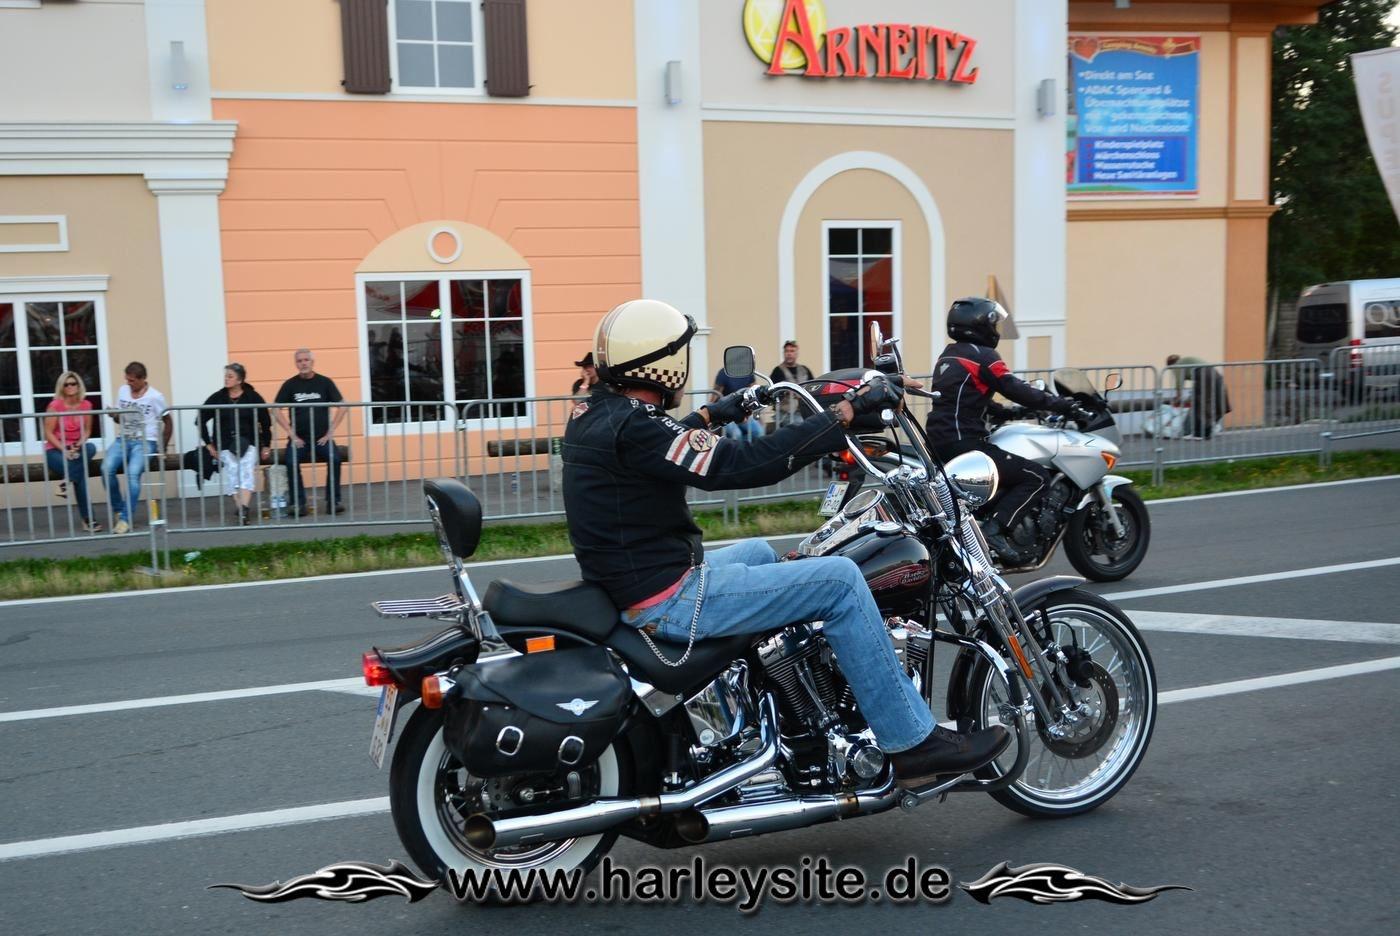 Eine Harley Davidson vorm Arneitz am Faaker See